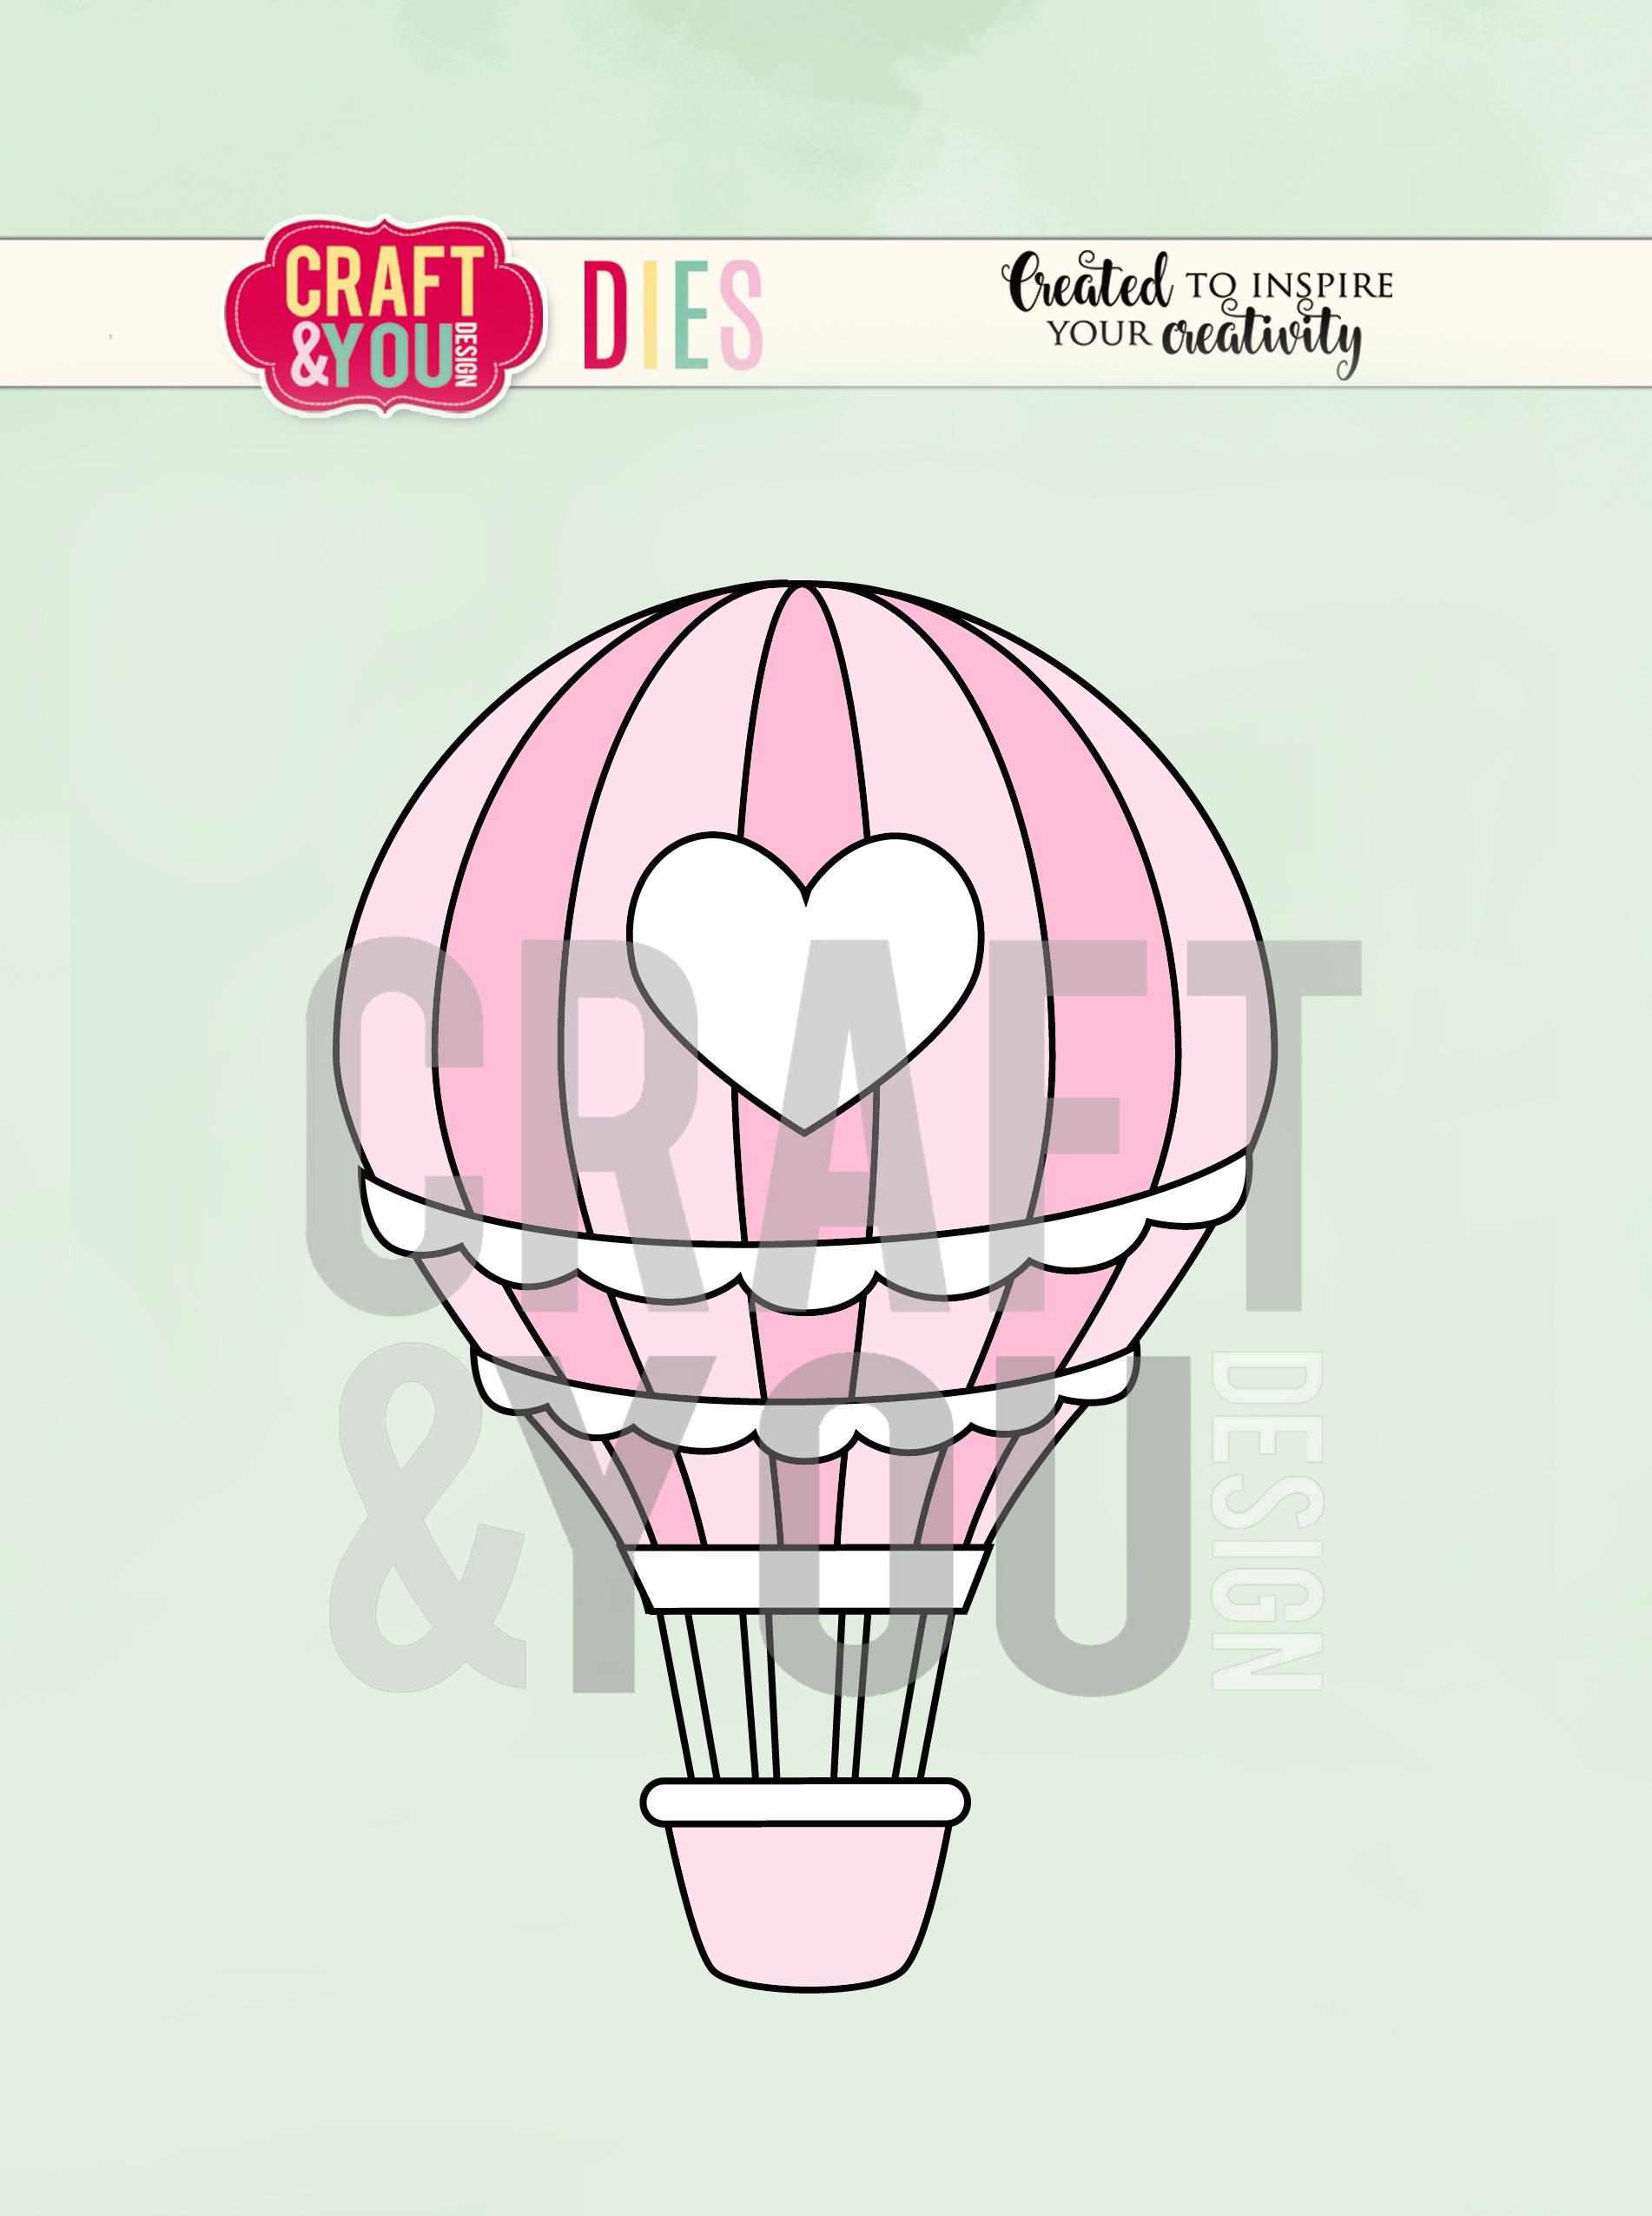 CW089 WYKROJNIK-Baloon - balon Craft&You Design